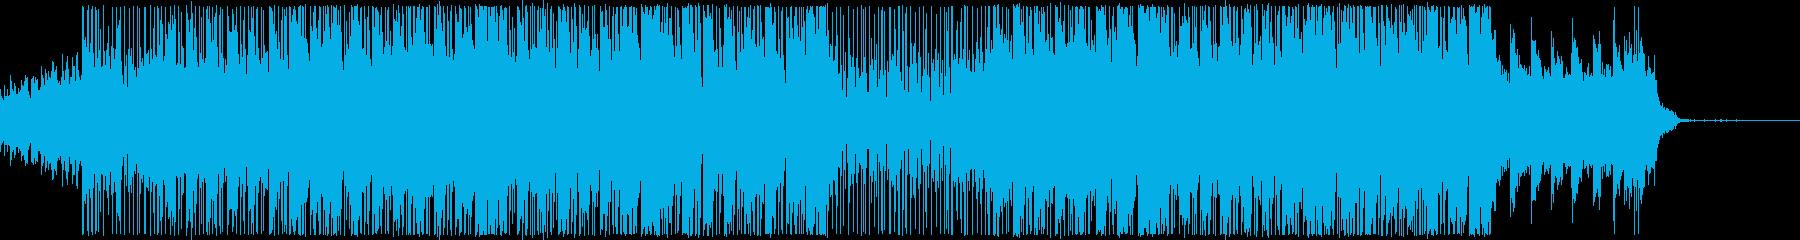 真夜中をイメージしたシンセウェイヴの再生済みの波形